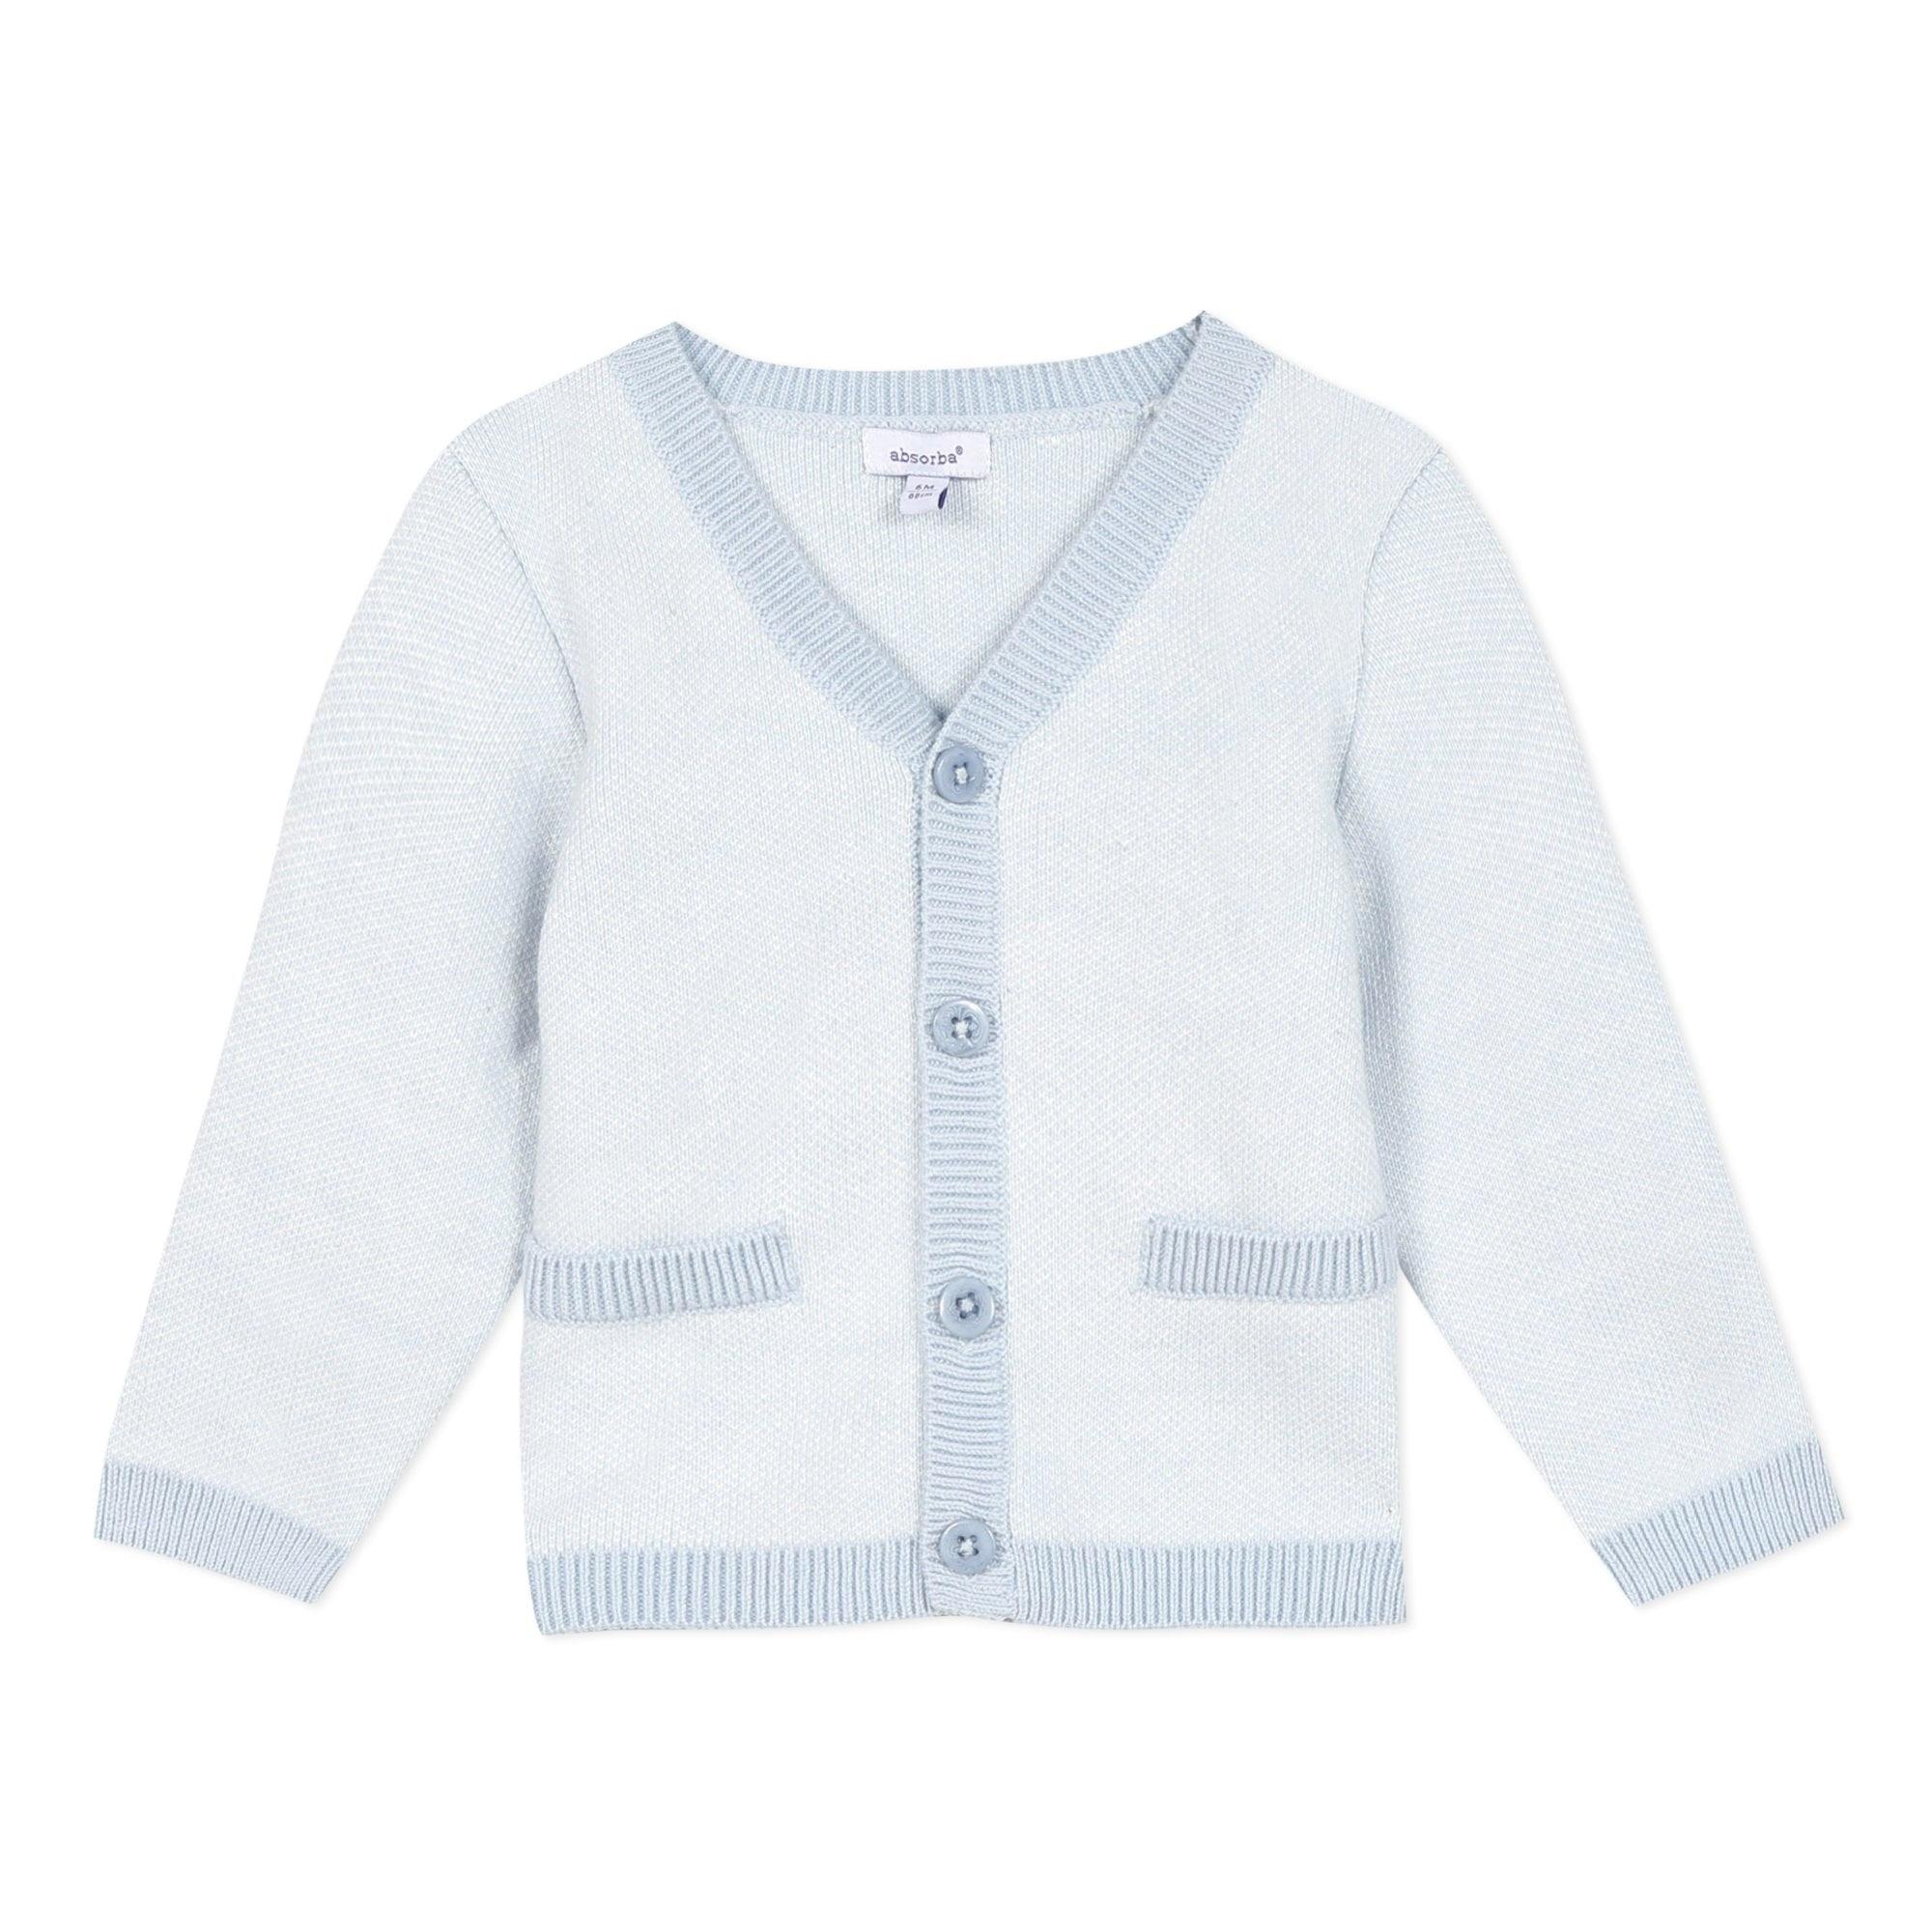 Absorba Absorba Pale Blue Knit Cardigan